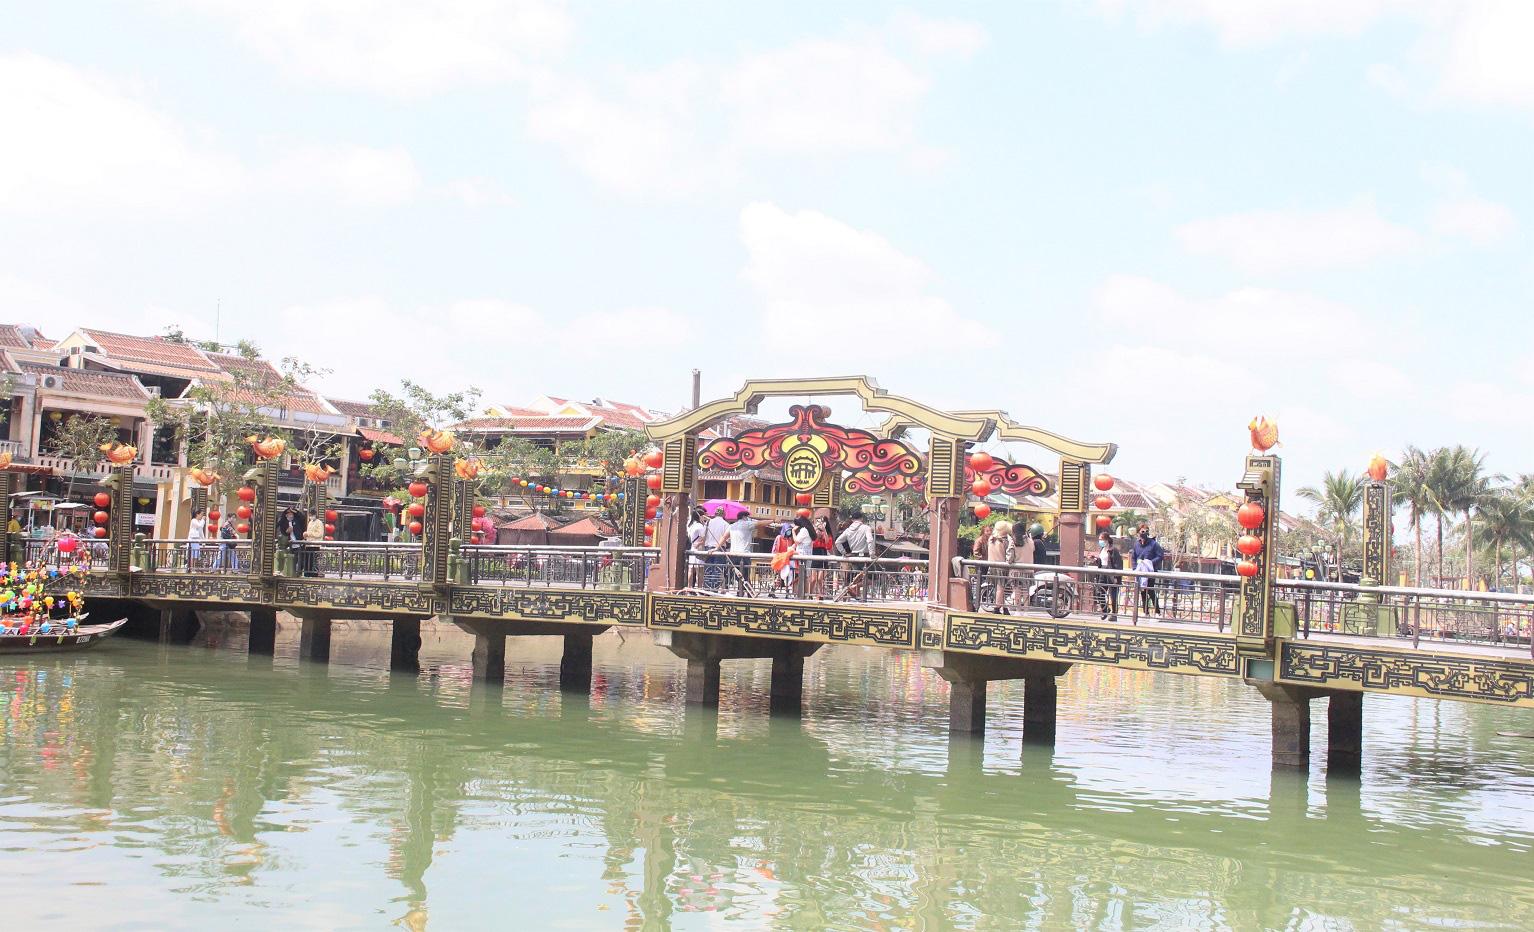 Quảng Nam: Ngày tết, phố cổ Hội An đìu hiu khách du lịch - Ảnh 2.